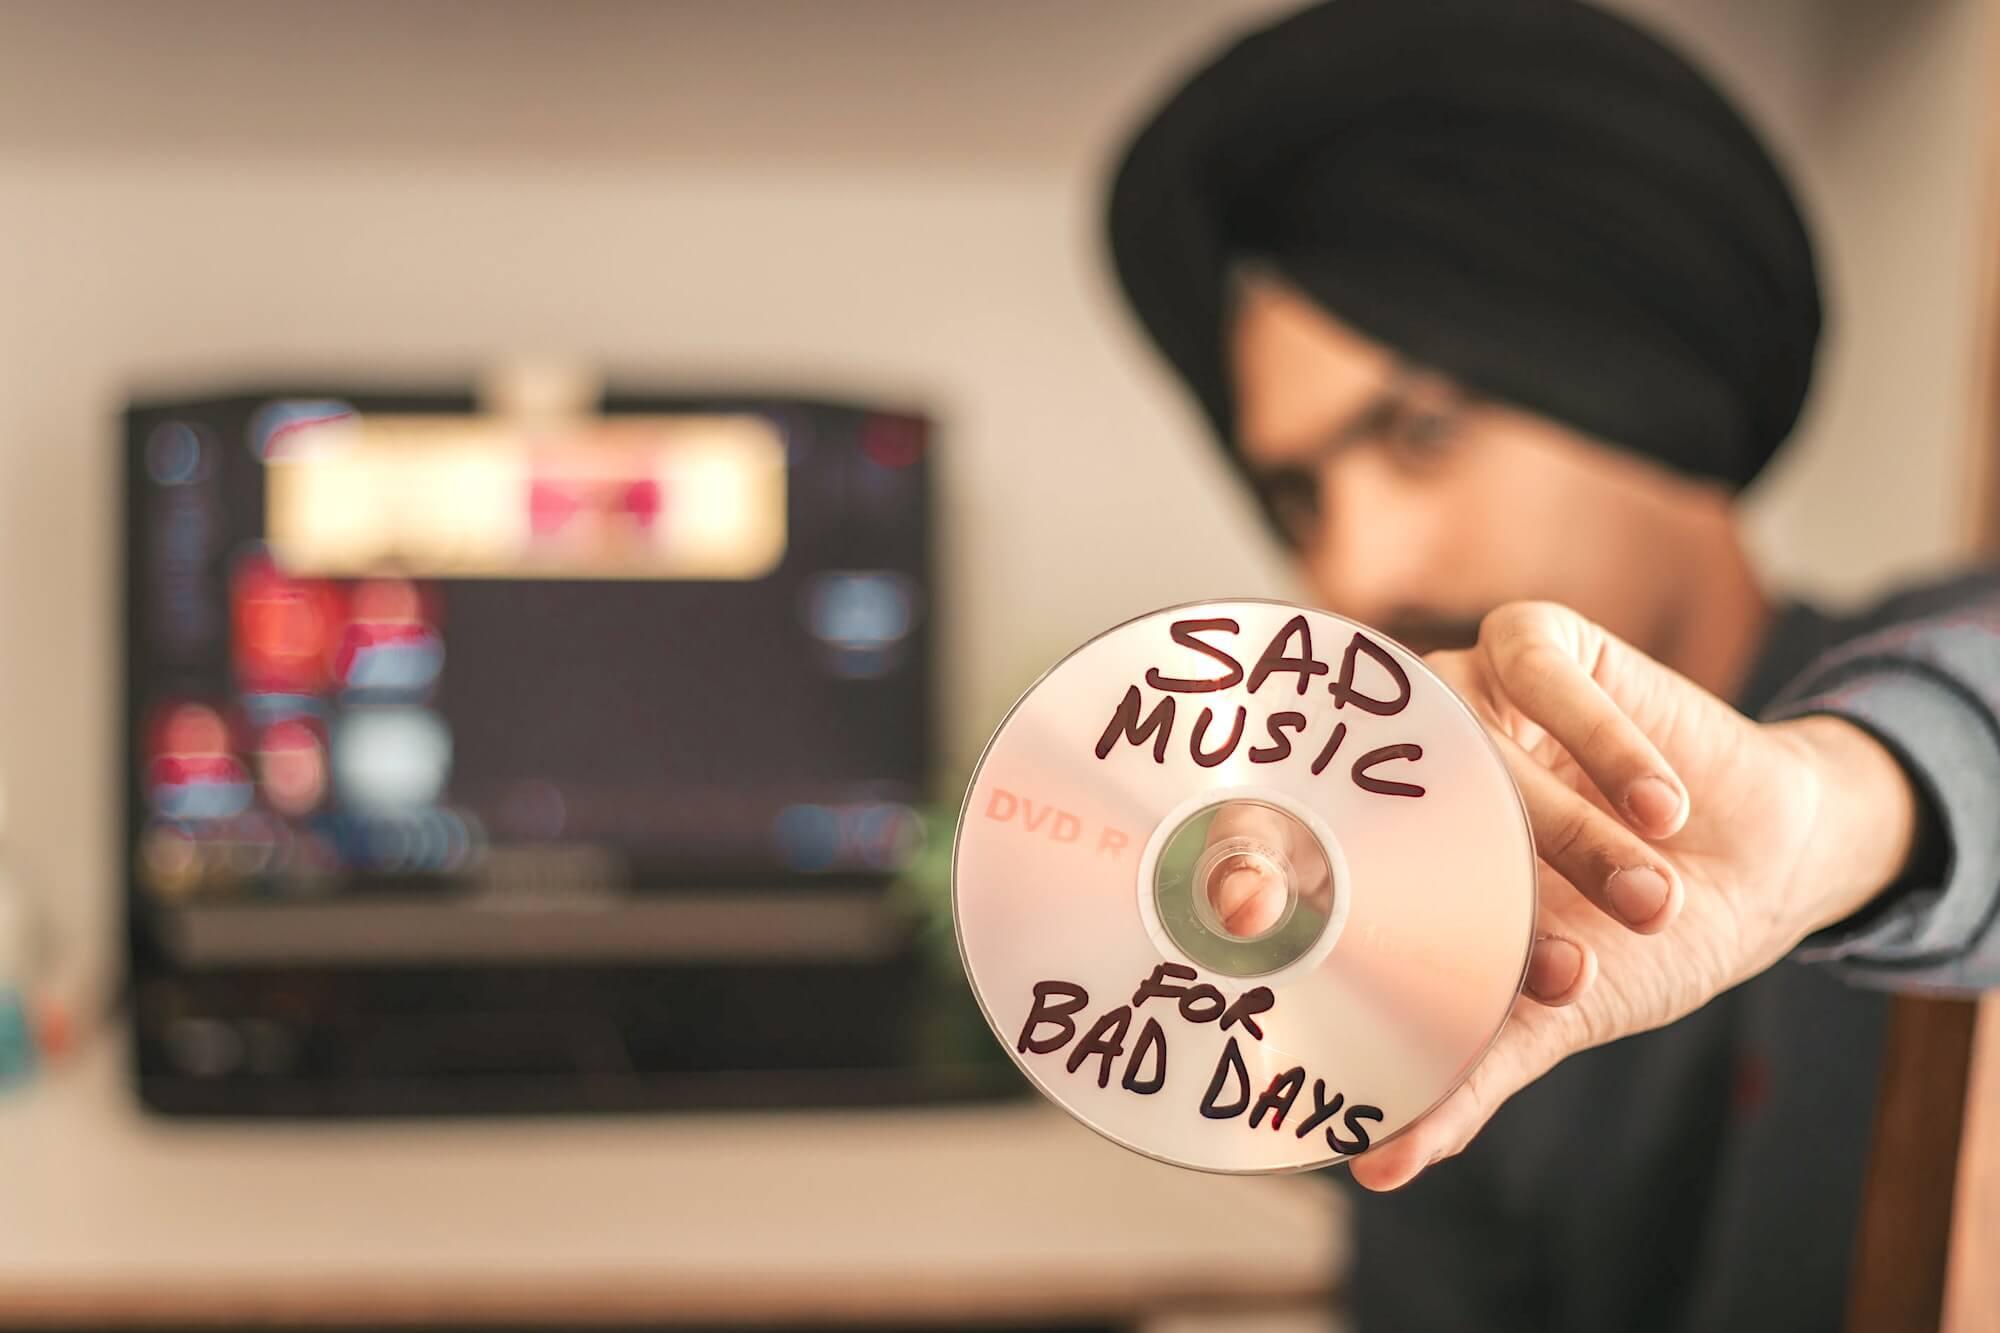 Фотография: Dollar Gill. Источник: Unsplash.com